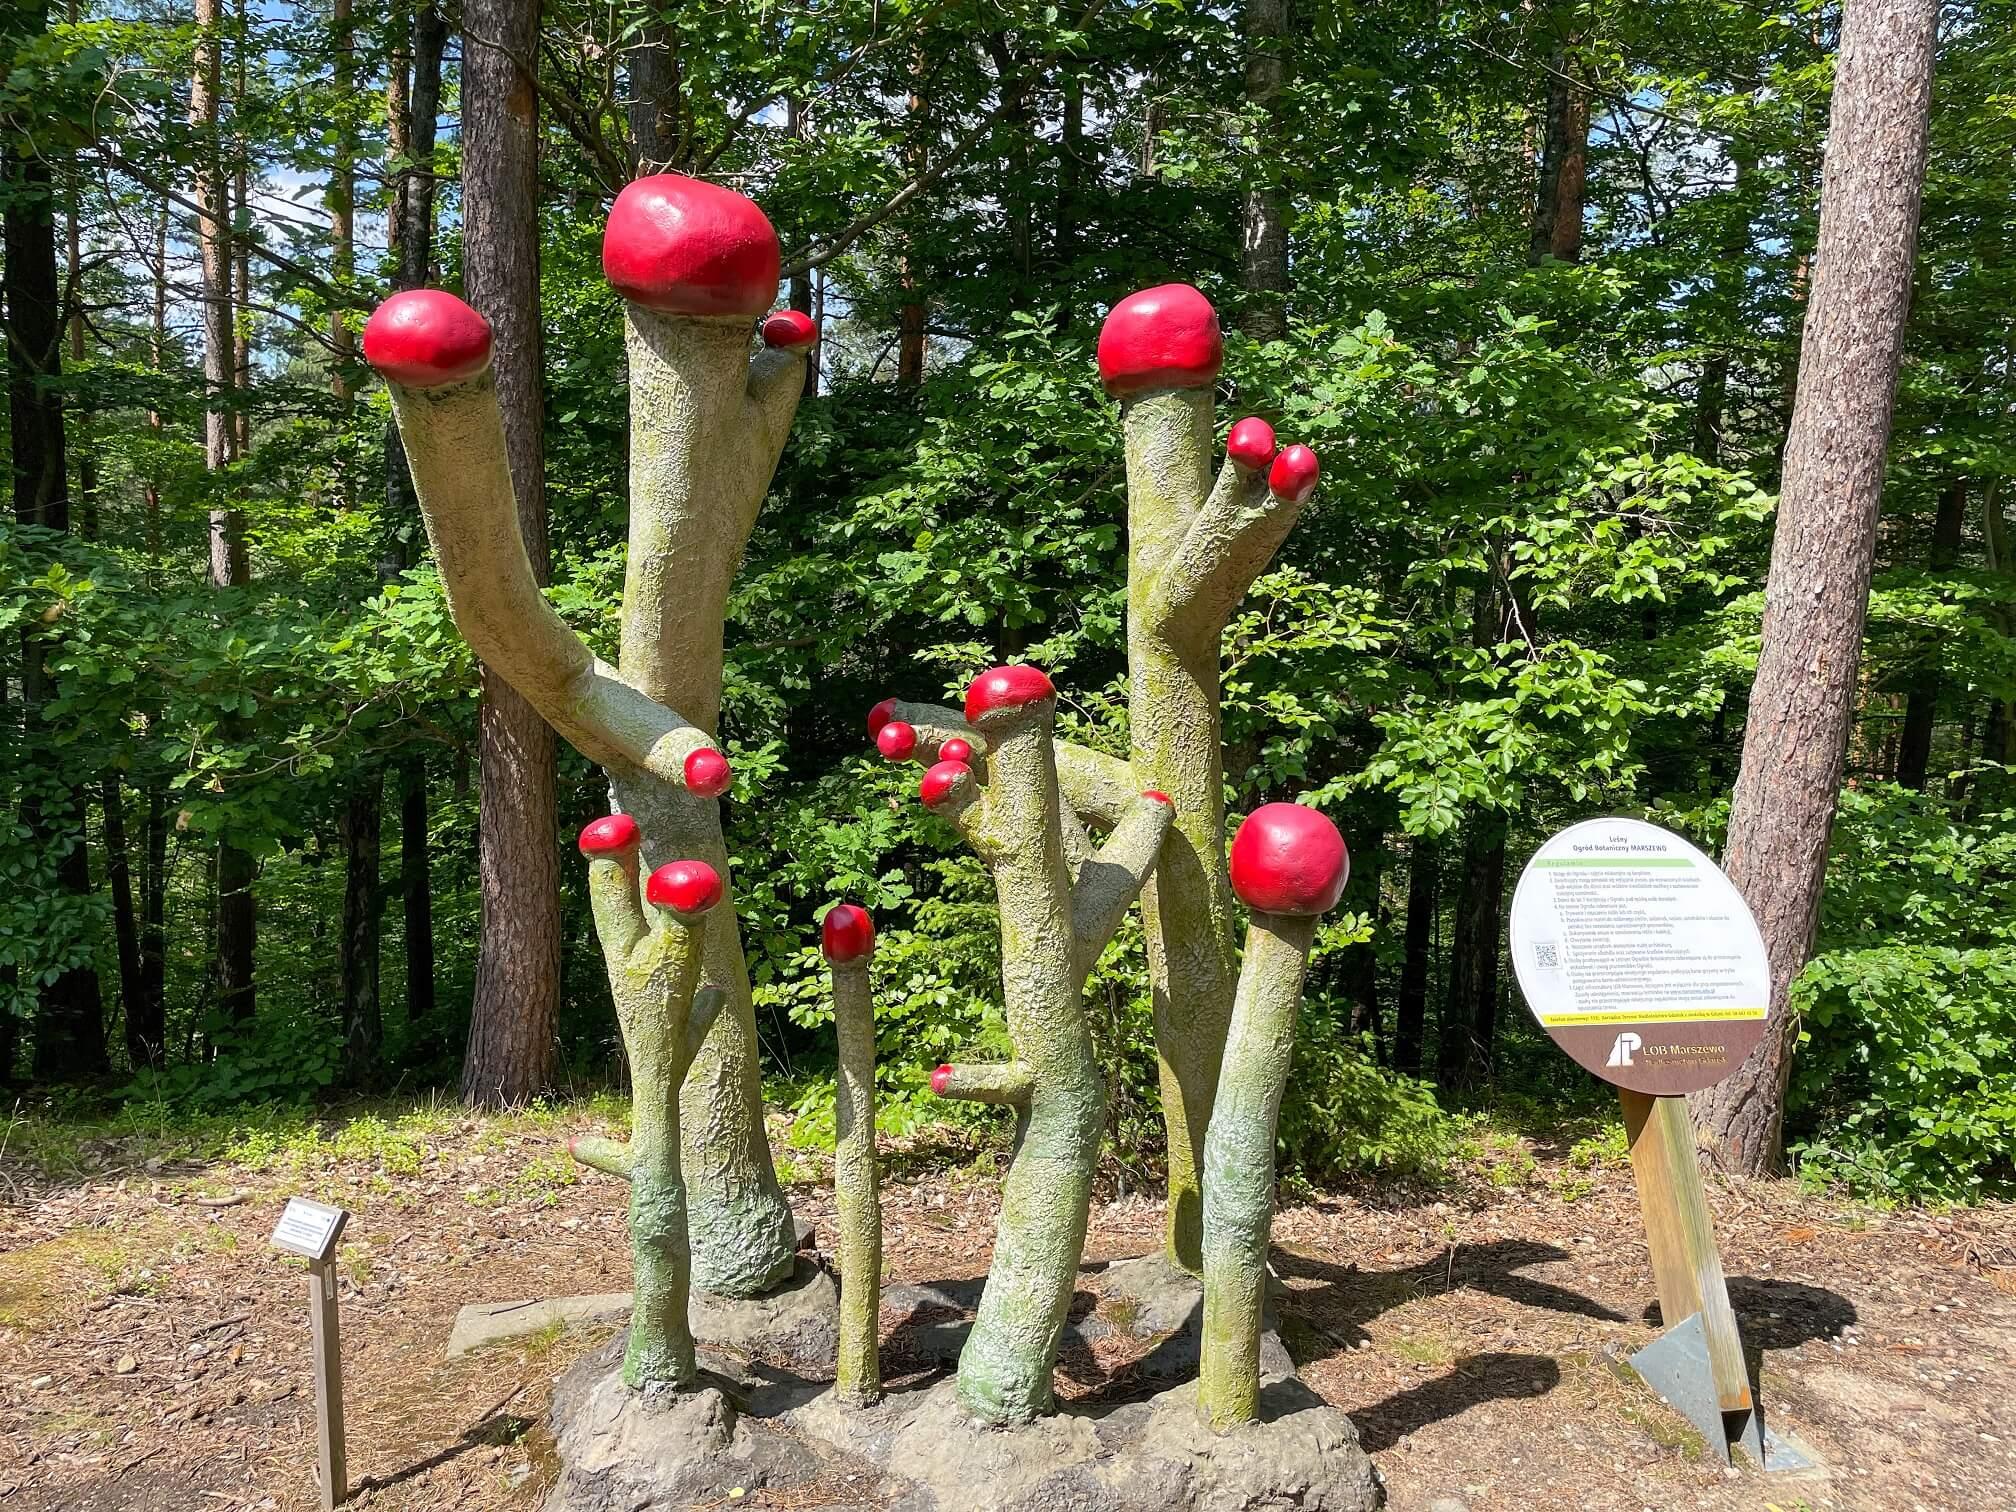 Wejherowo 22 - Wejherowo, zaczarowany las i okolice